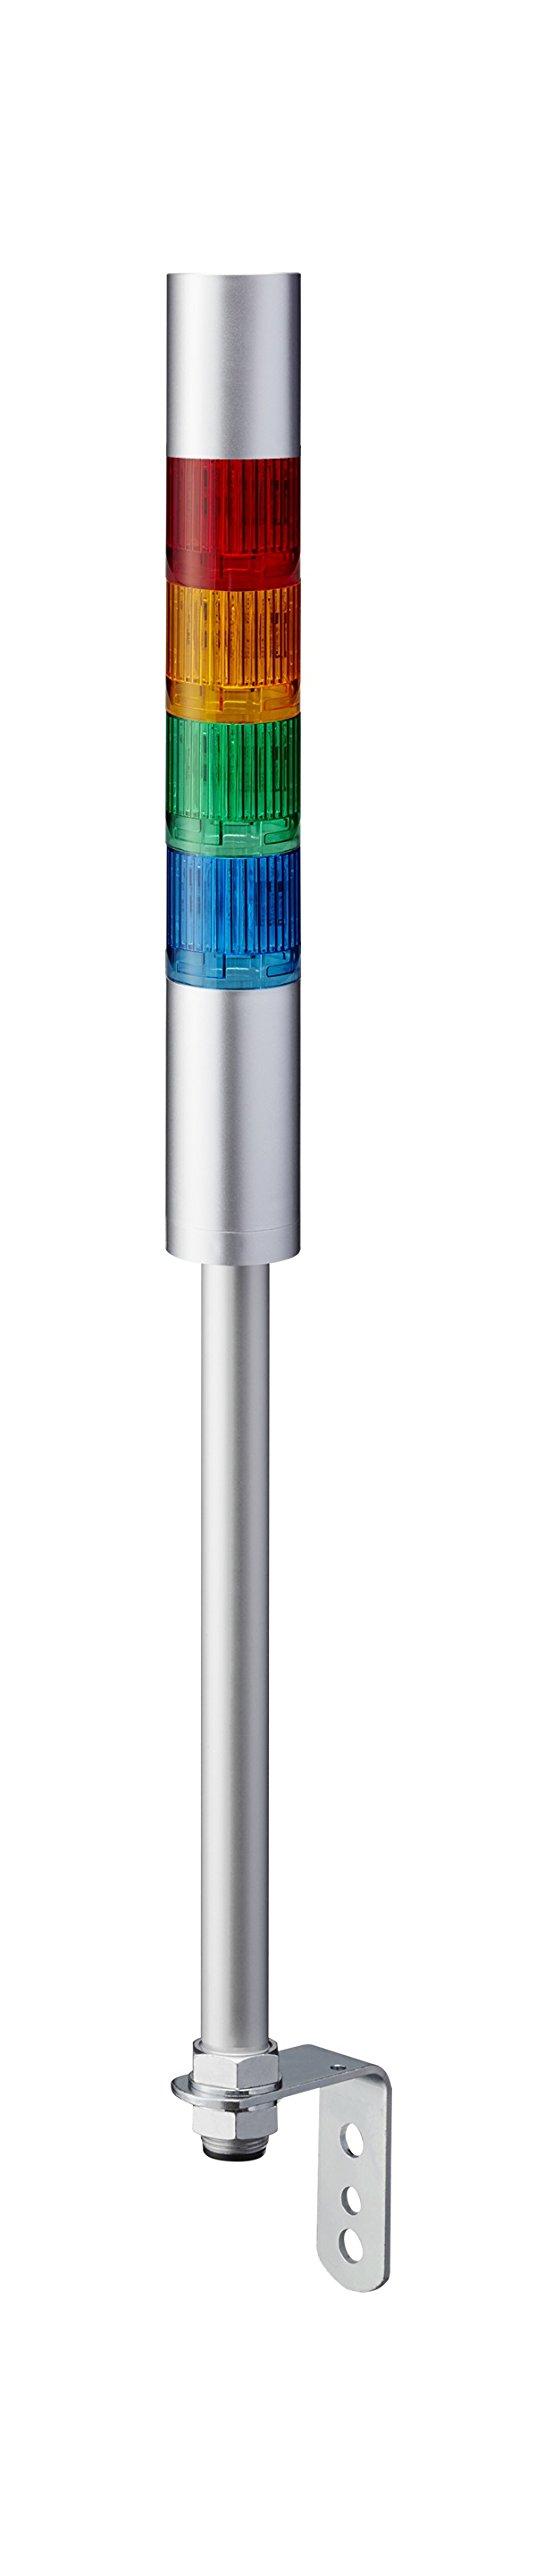 Patlite, LR4-402LJBU-RYGB, 40mm 4-tier Stack Light, UL CE IP65 DC 24V, Pole Mount/Cable, Flashing/Buzzer, Silver